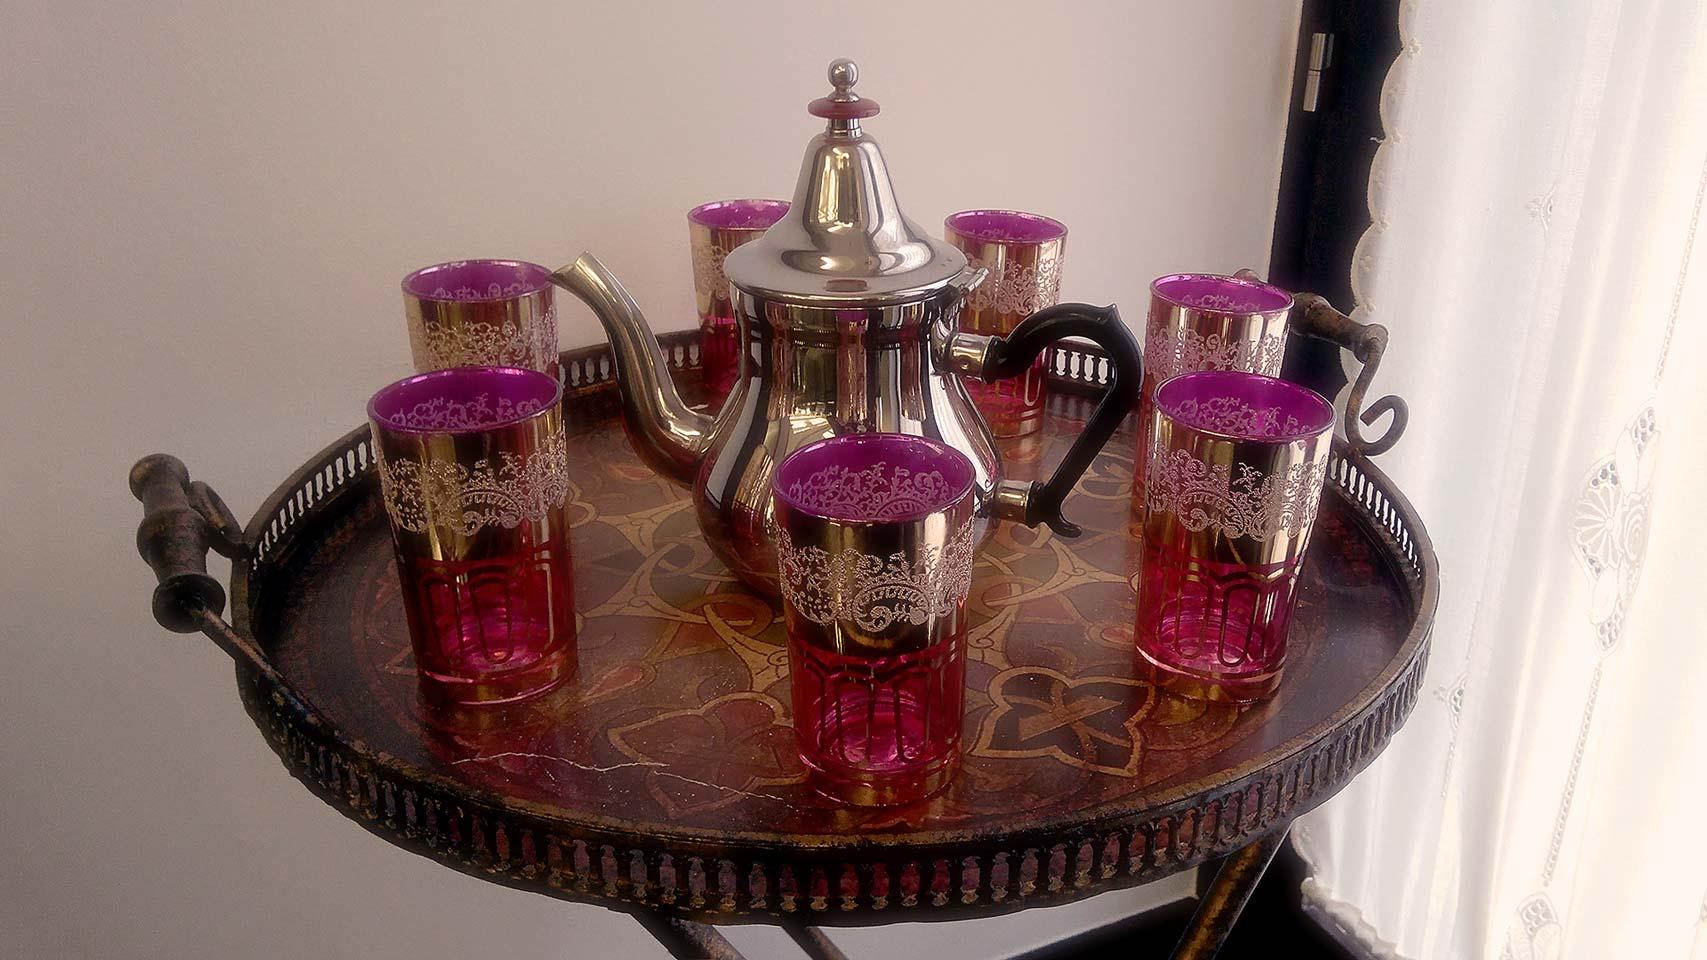 Te en el Hammam, baños árabes, Marruecos.